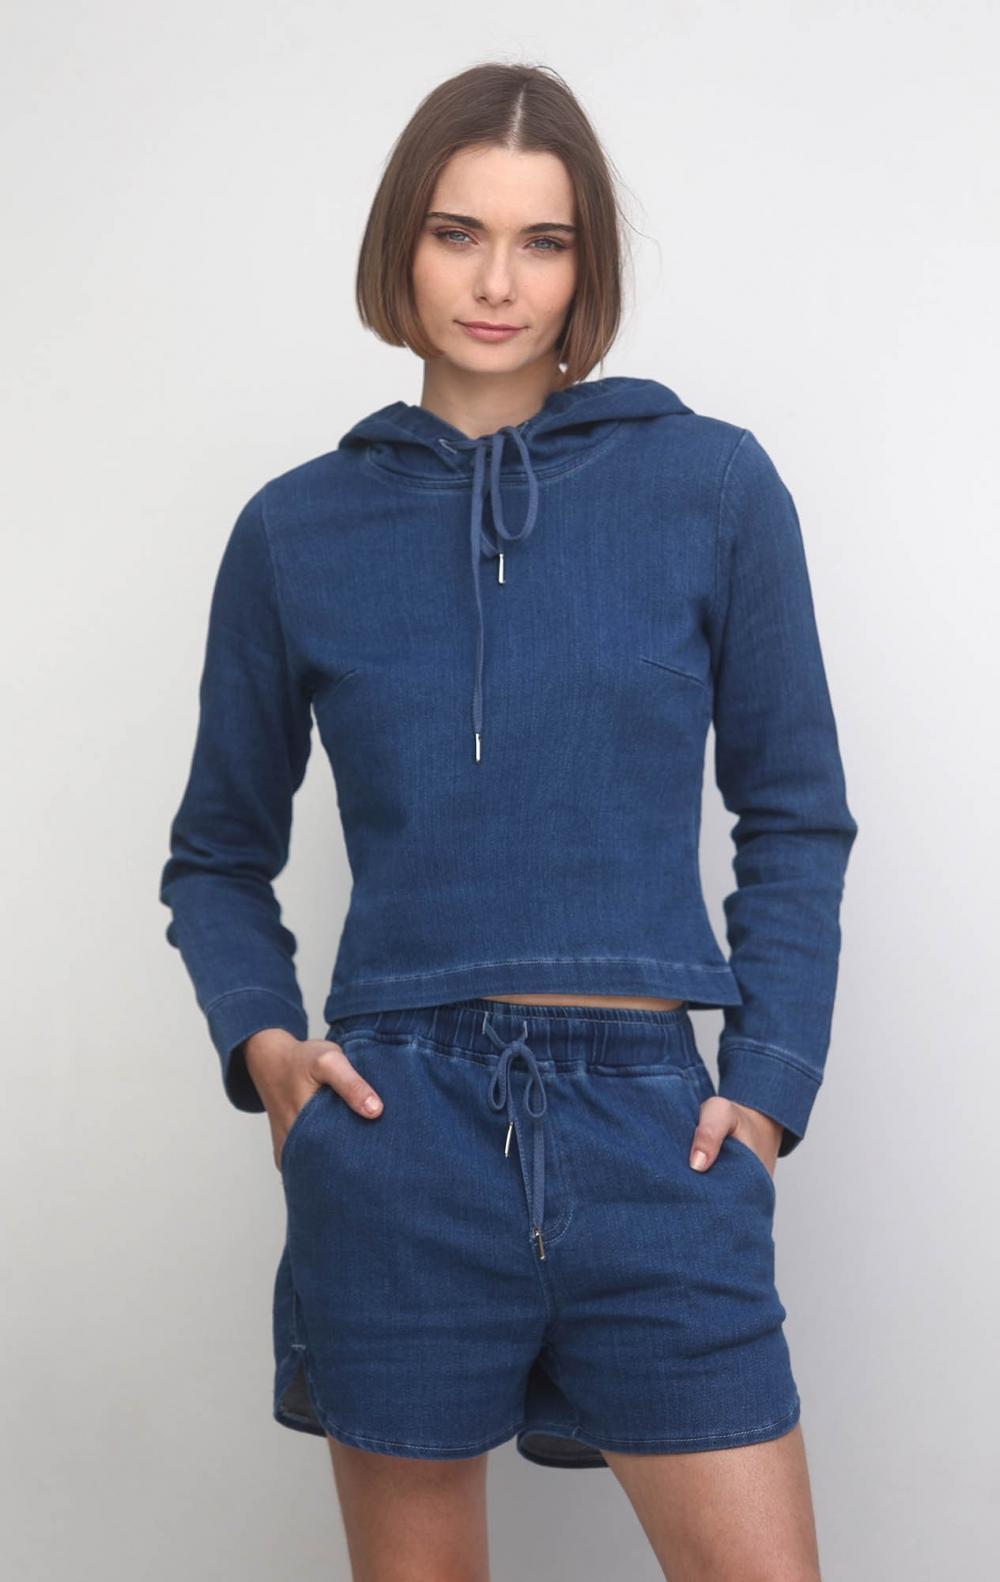 Conjunto Moletom Jeans Curto  - Foto 1